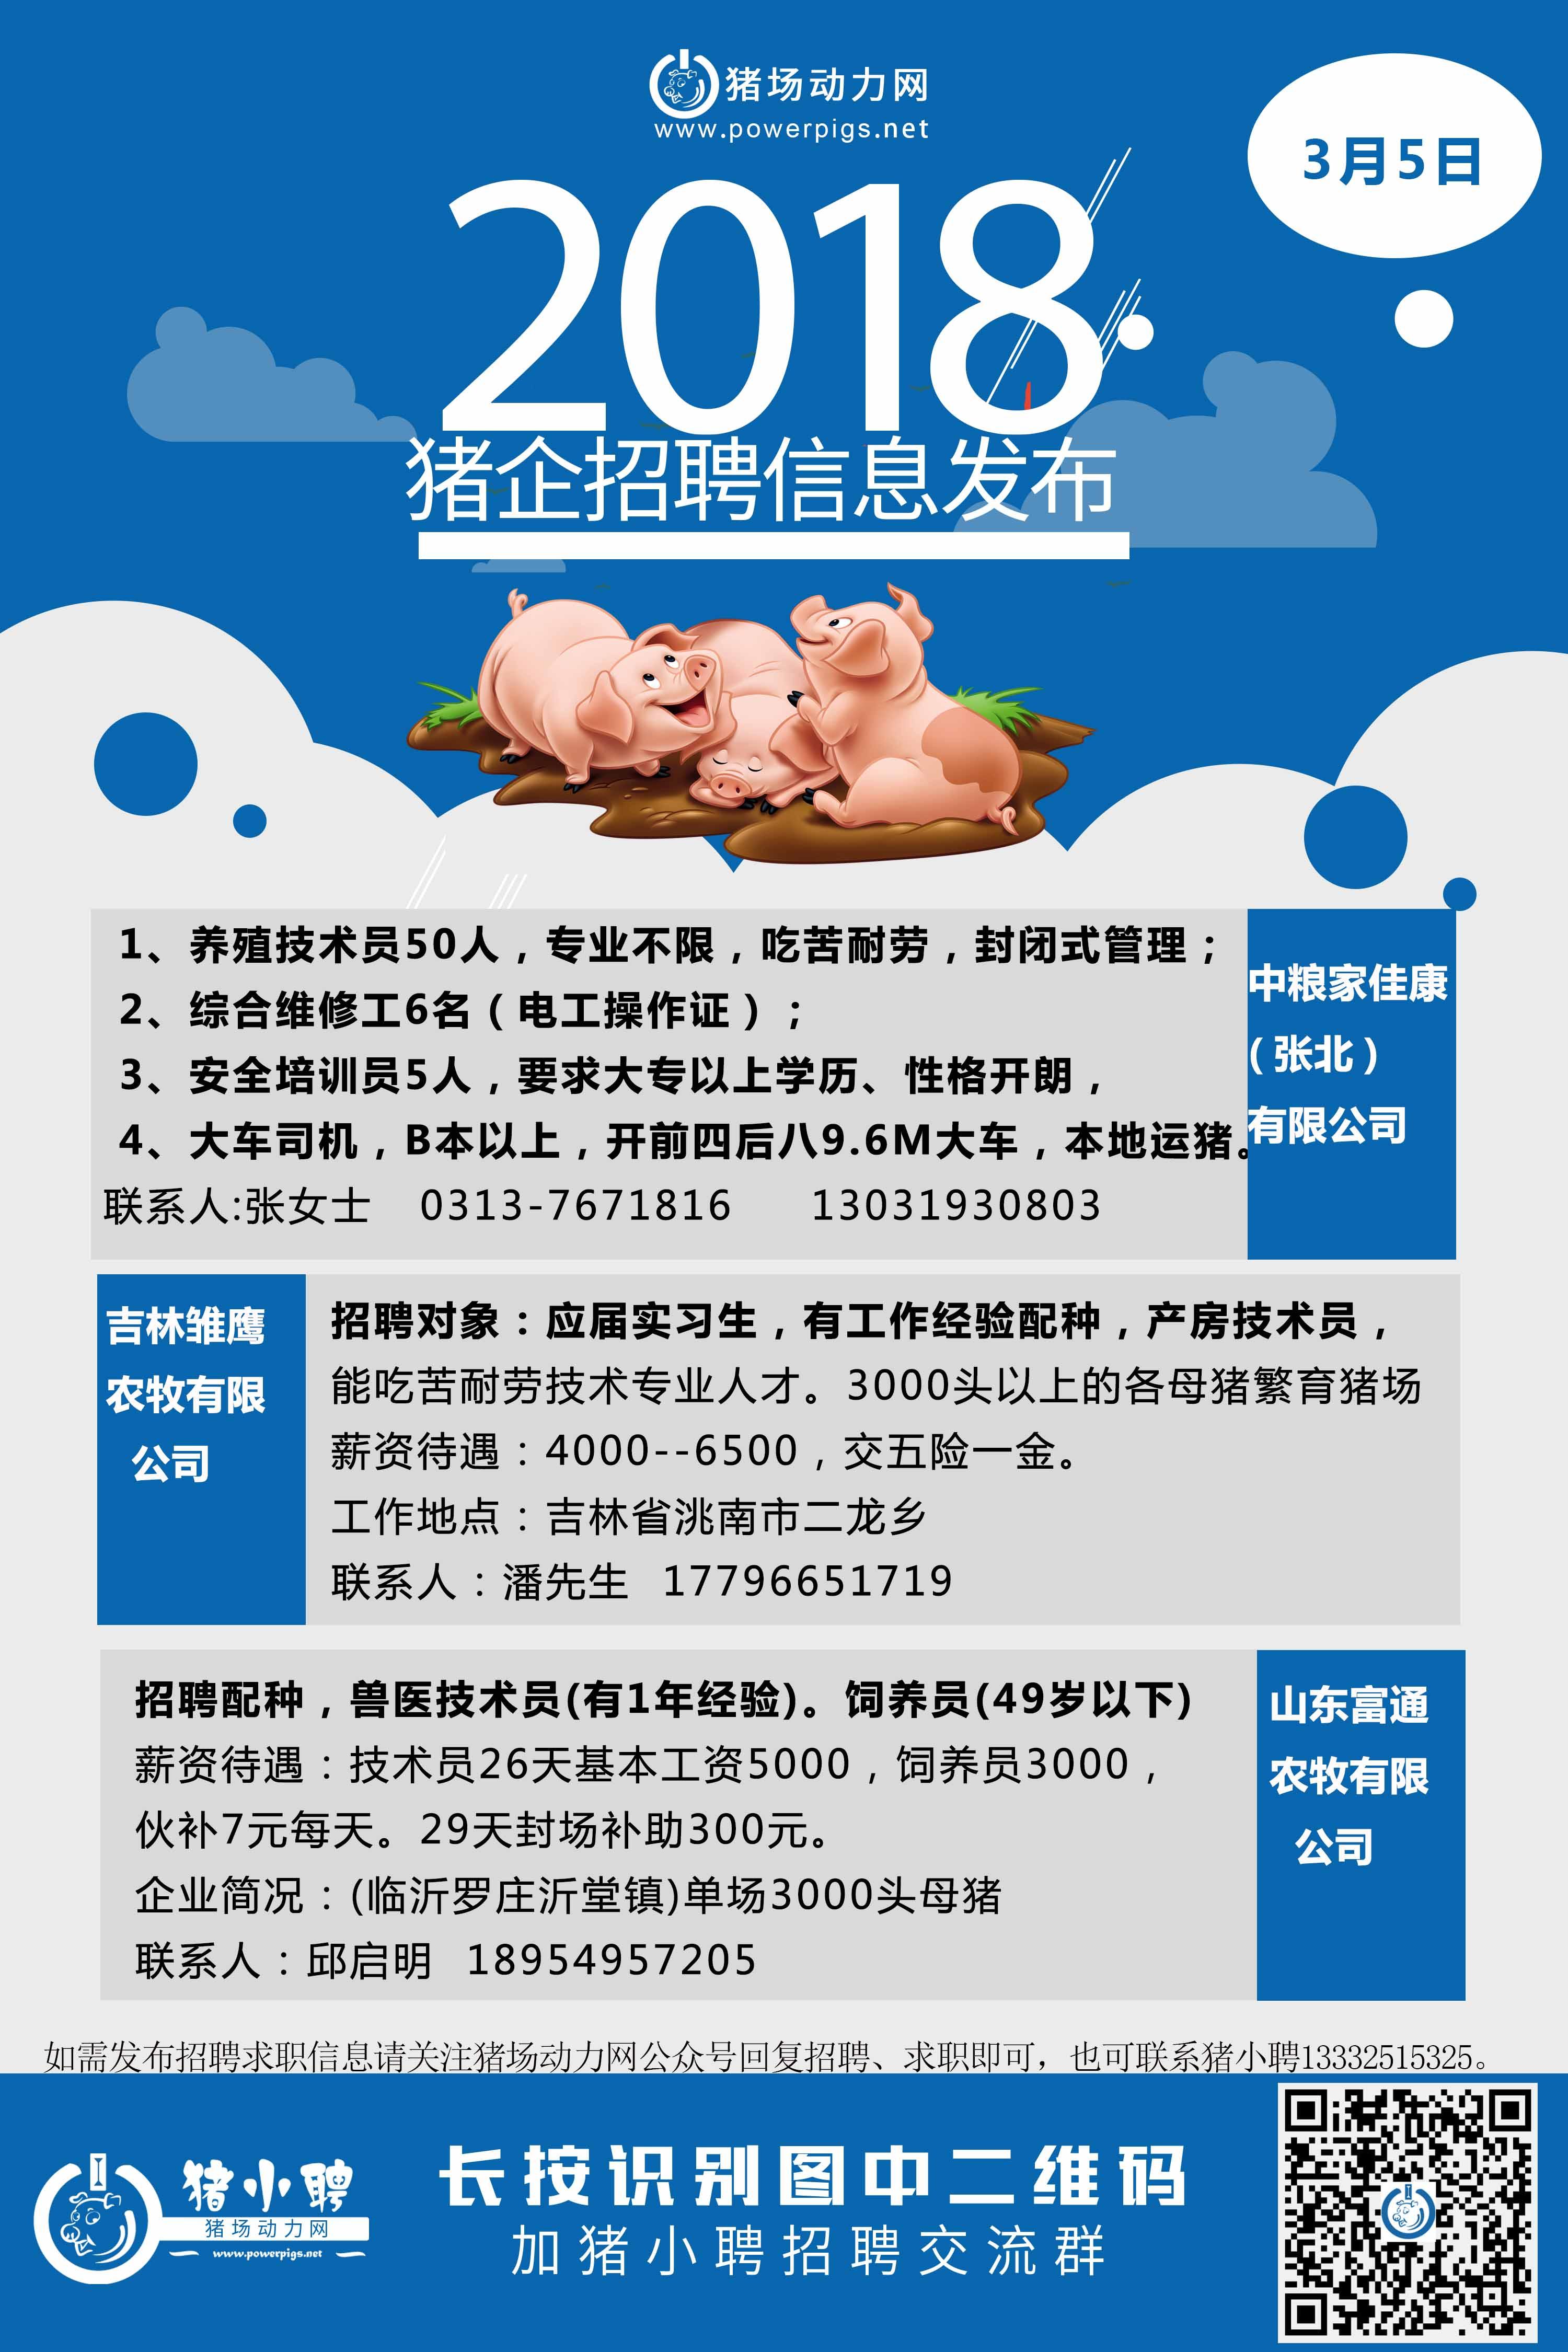 3.5日猪场招聘.jpg